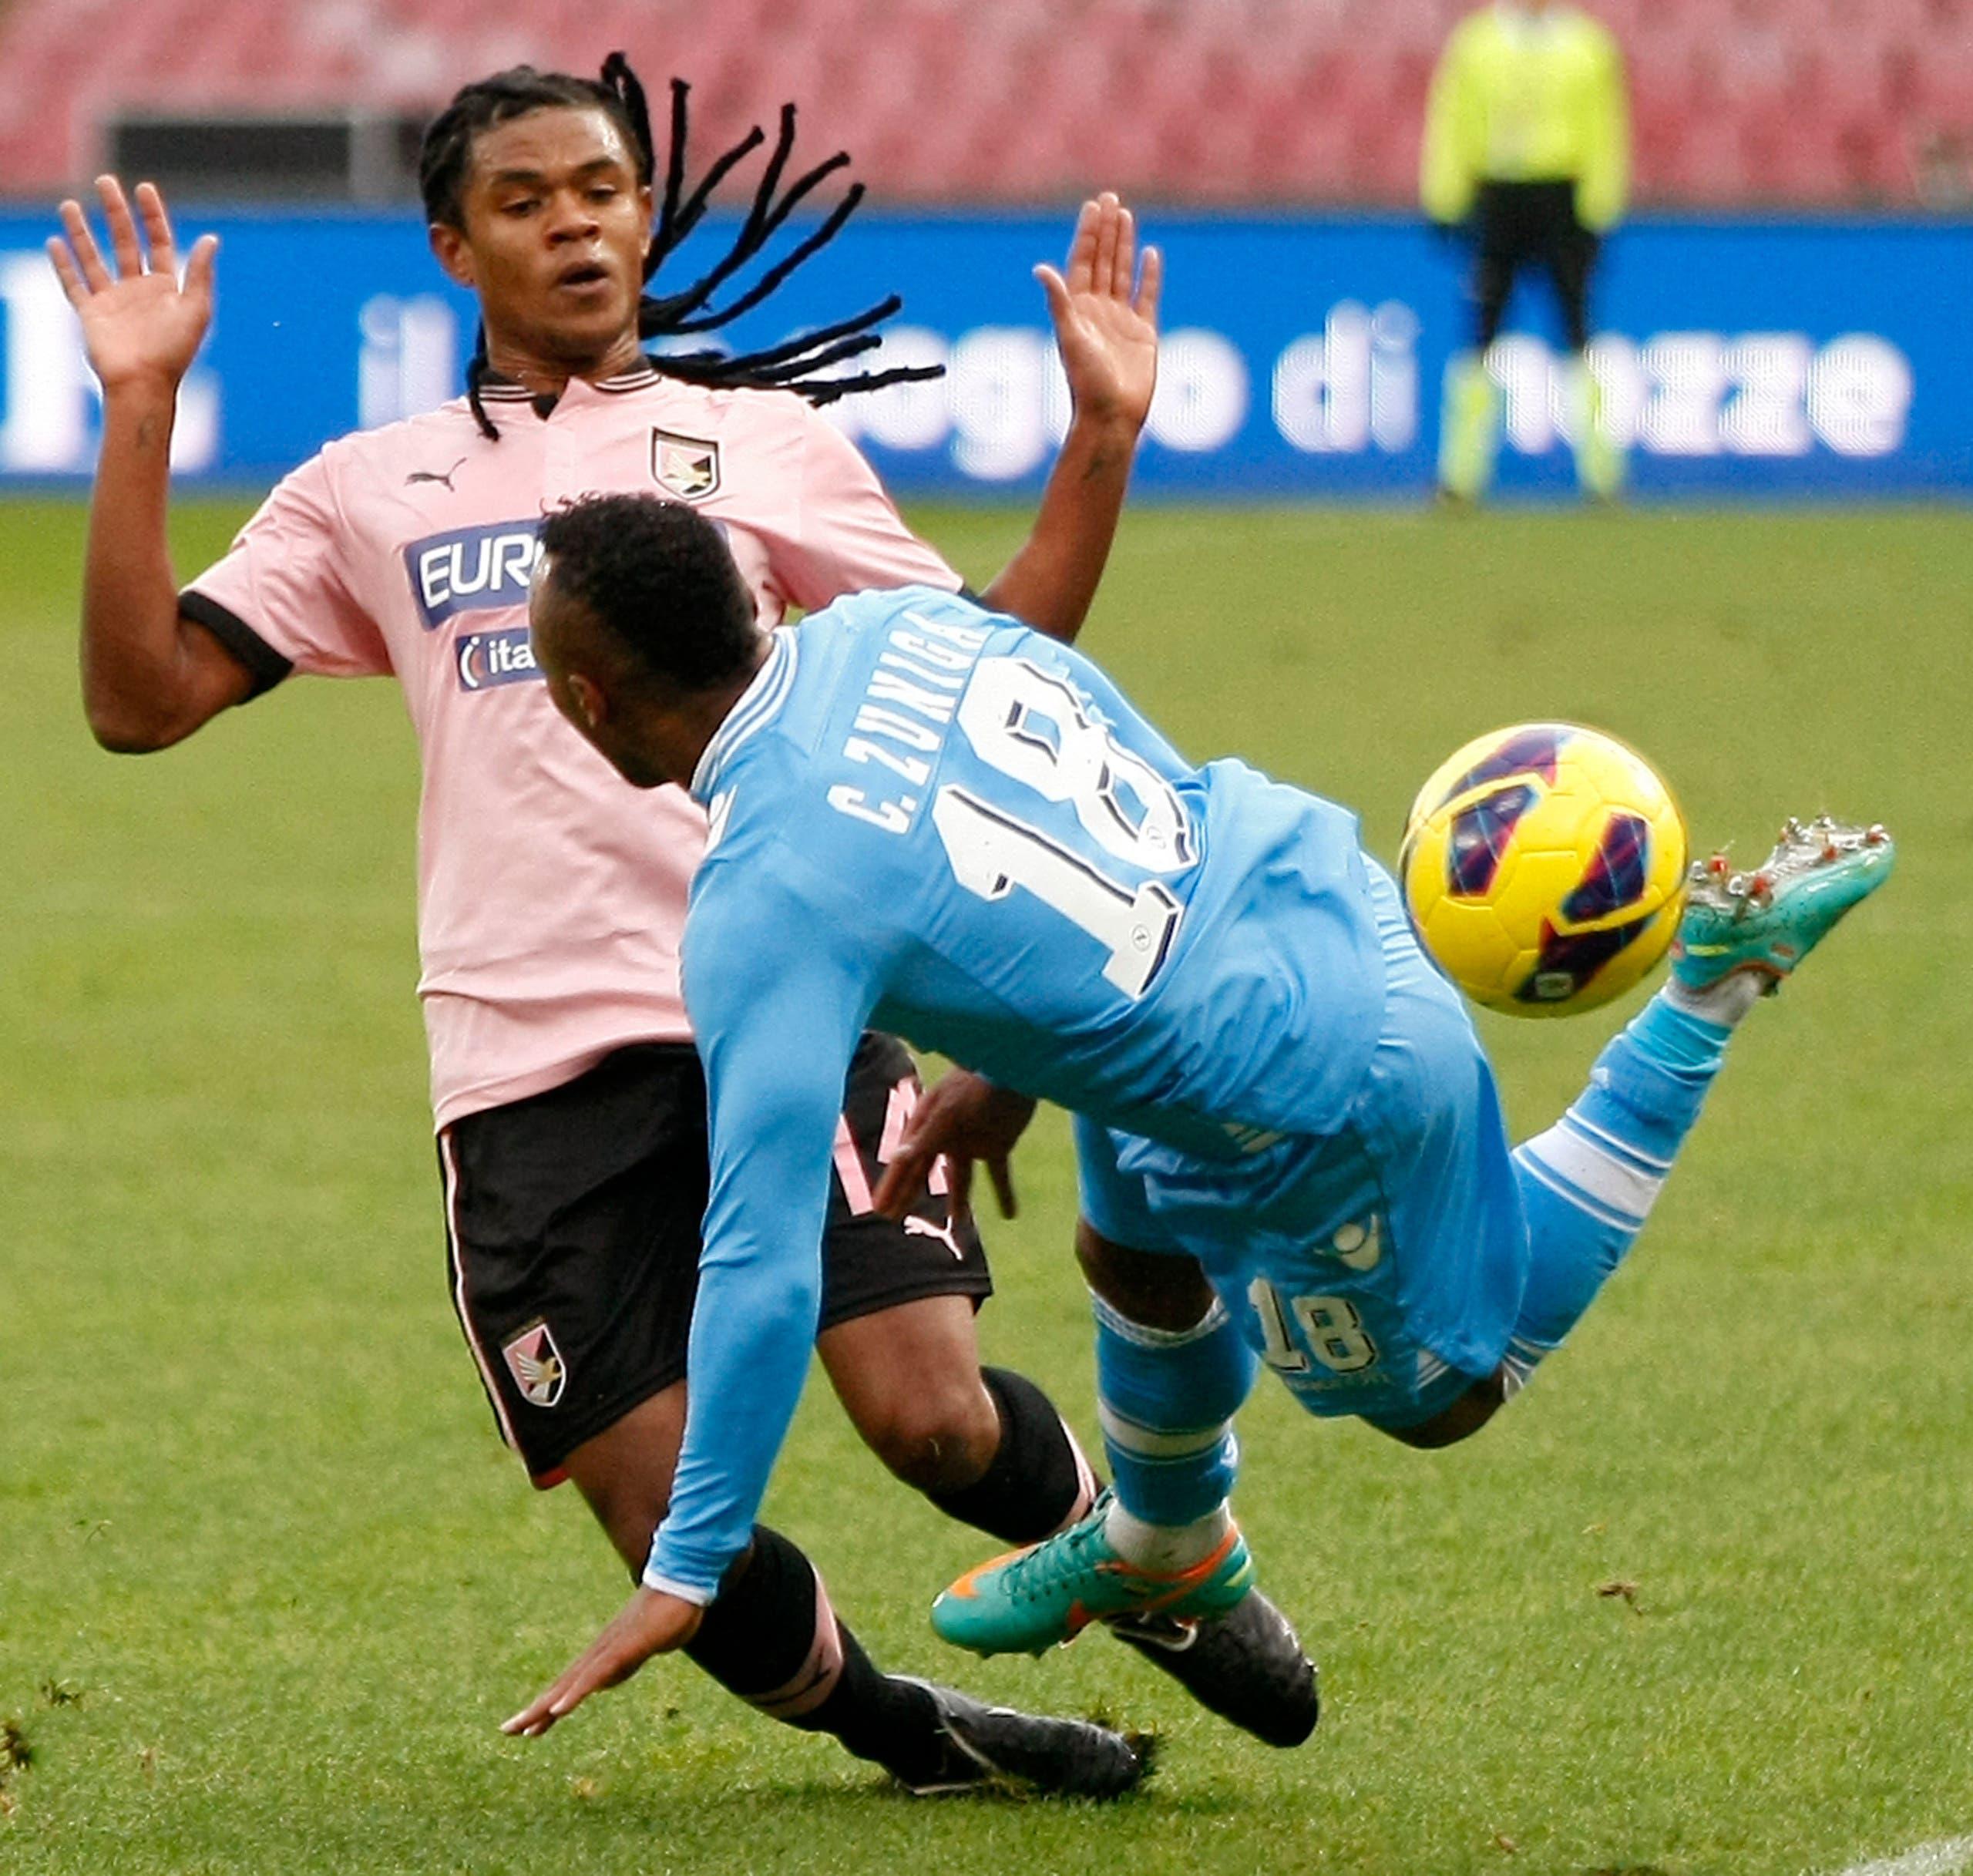 أنسيلمو في مباراة بقميص باليرمو